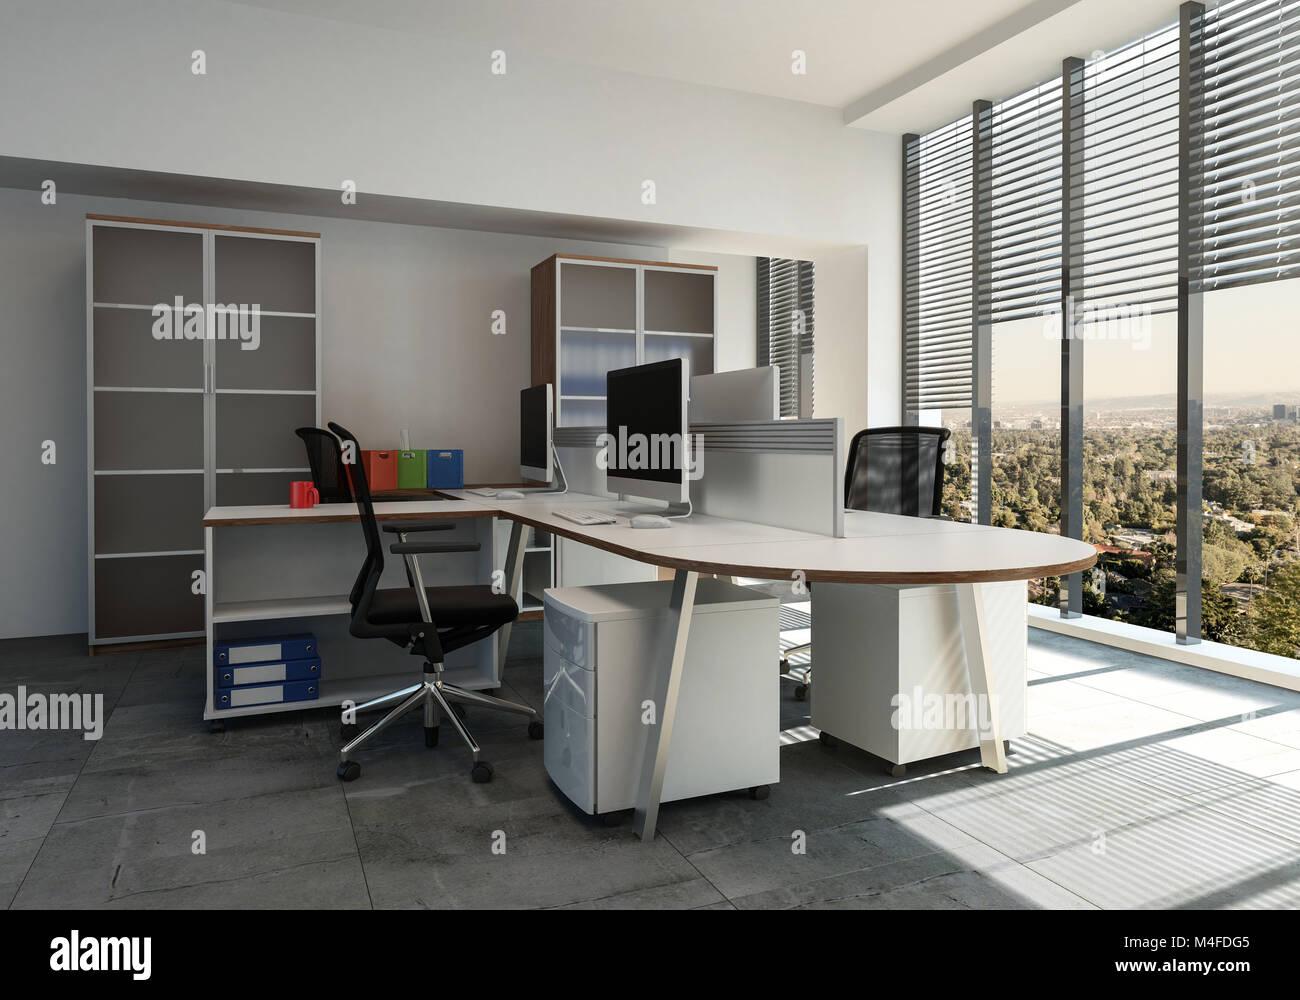 Oficina moderna interior con ventanales con persianas y un for Mesa escritorio moderna